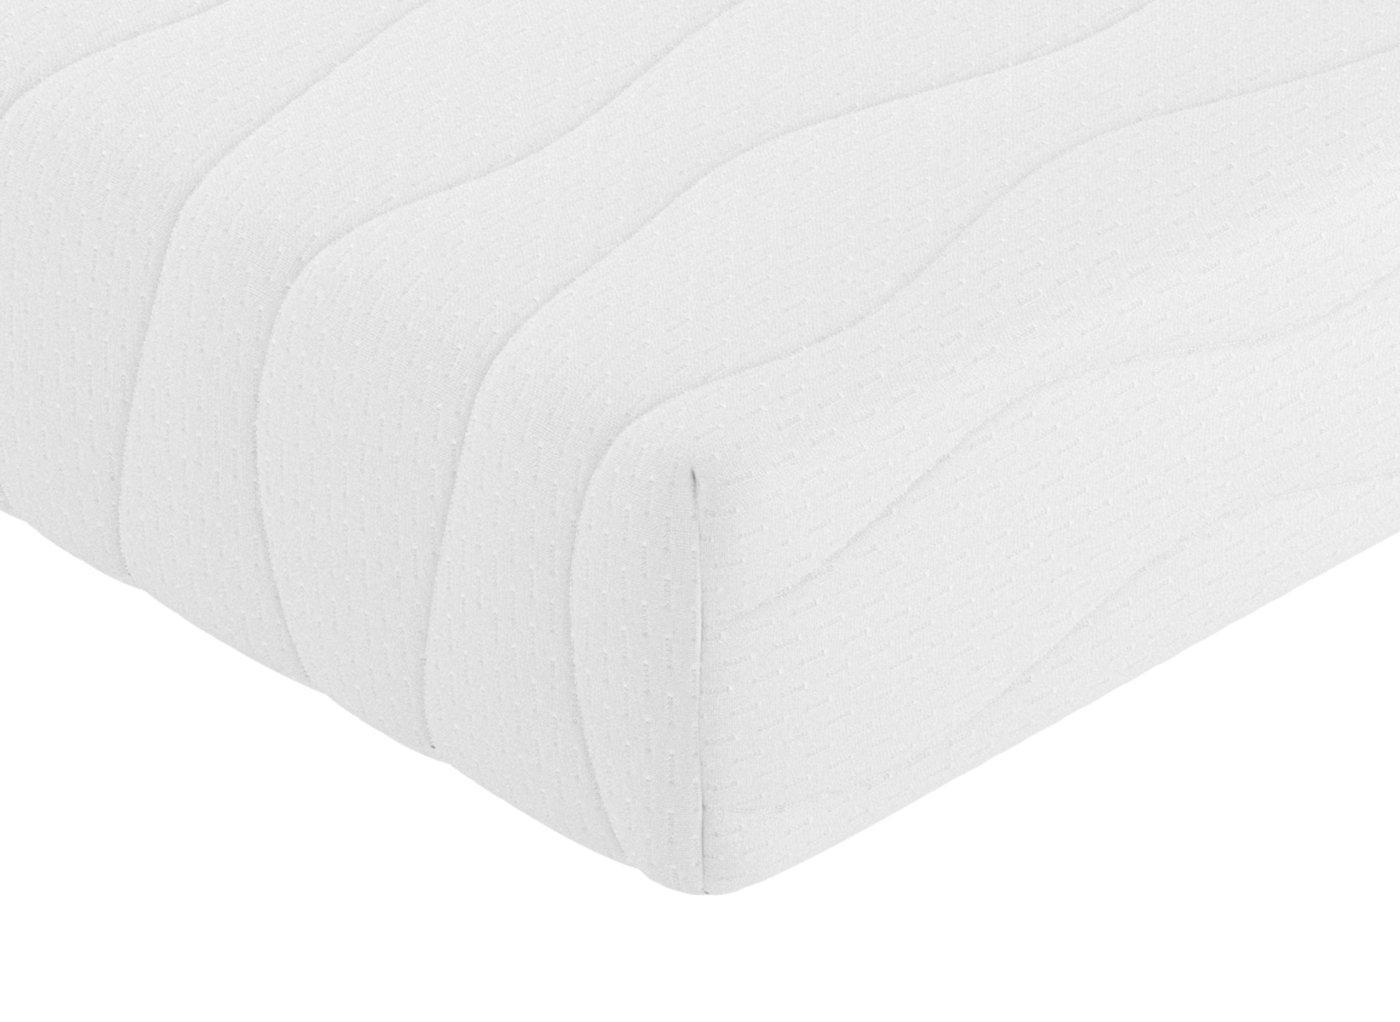 sleep-essentials-wexford-foam-mattress